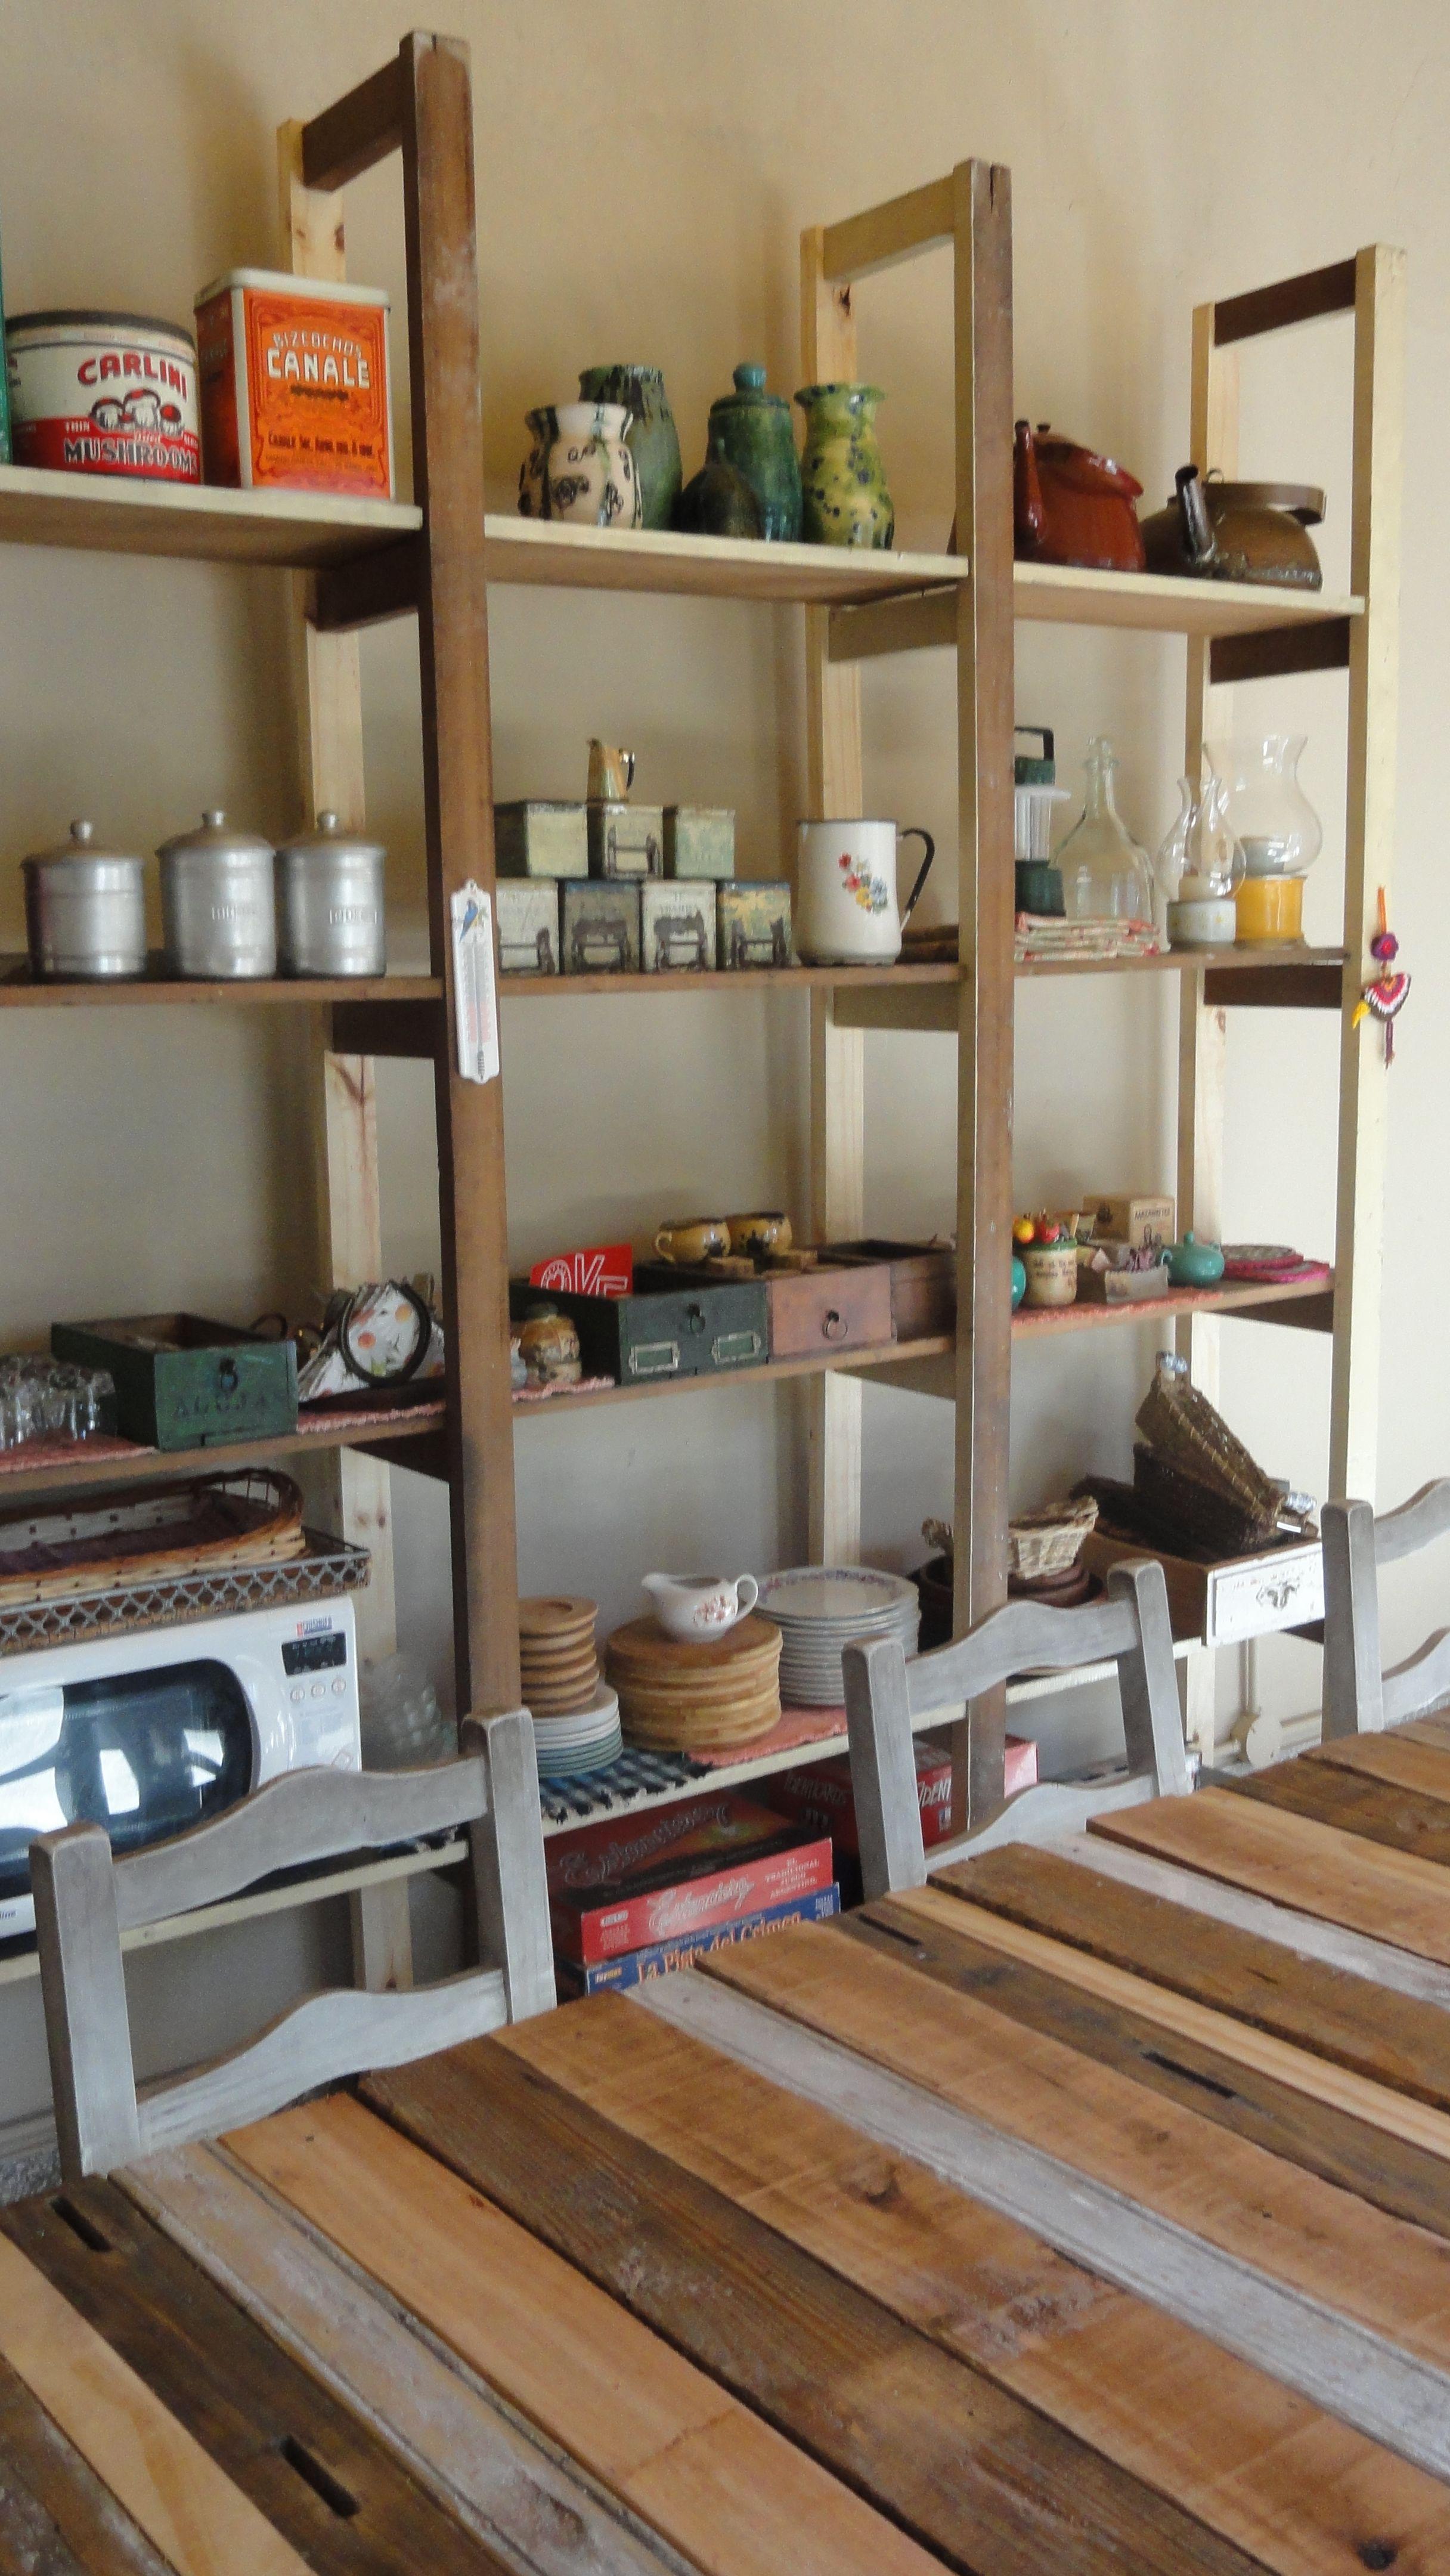 Estanteria de madera antes usada para herramientas y hoy para cocina ideas para el hogar - Estanterias de cocina ikea ...